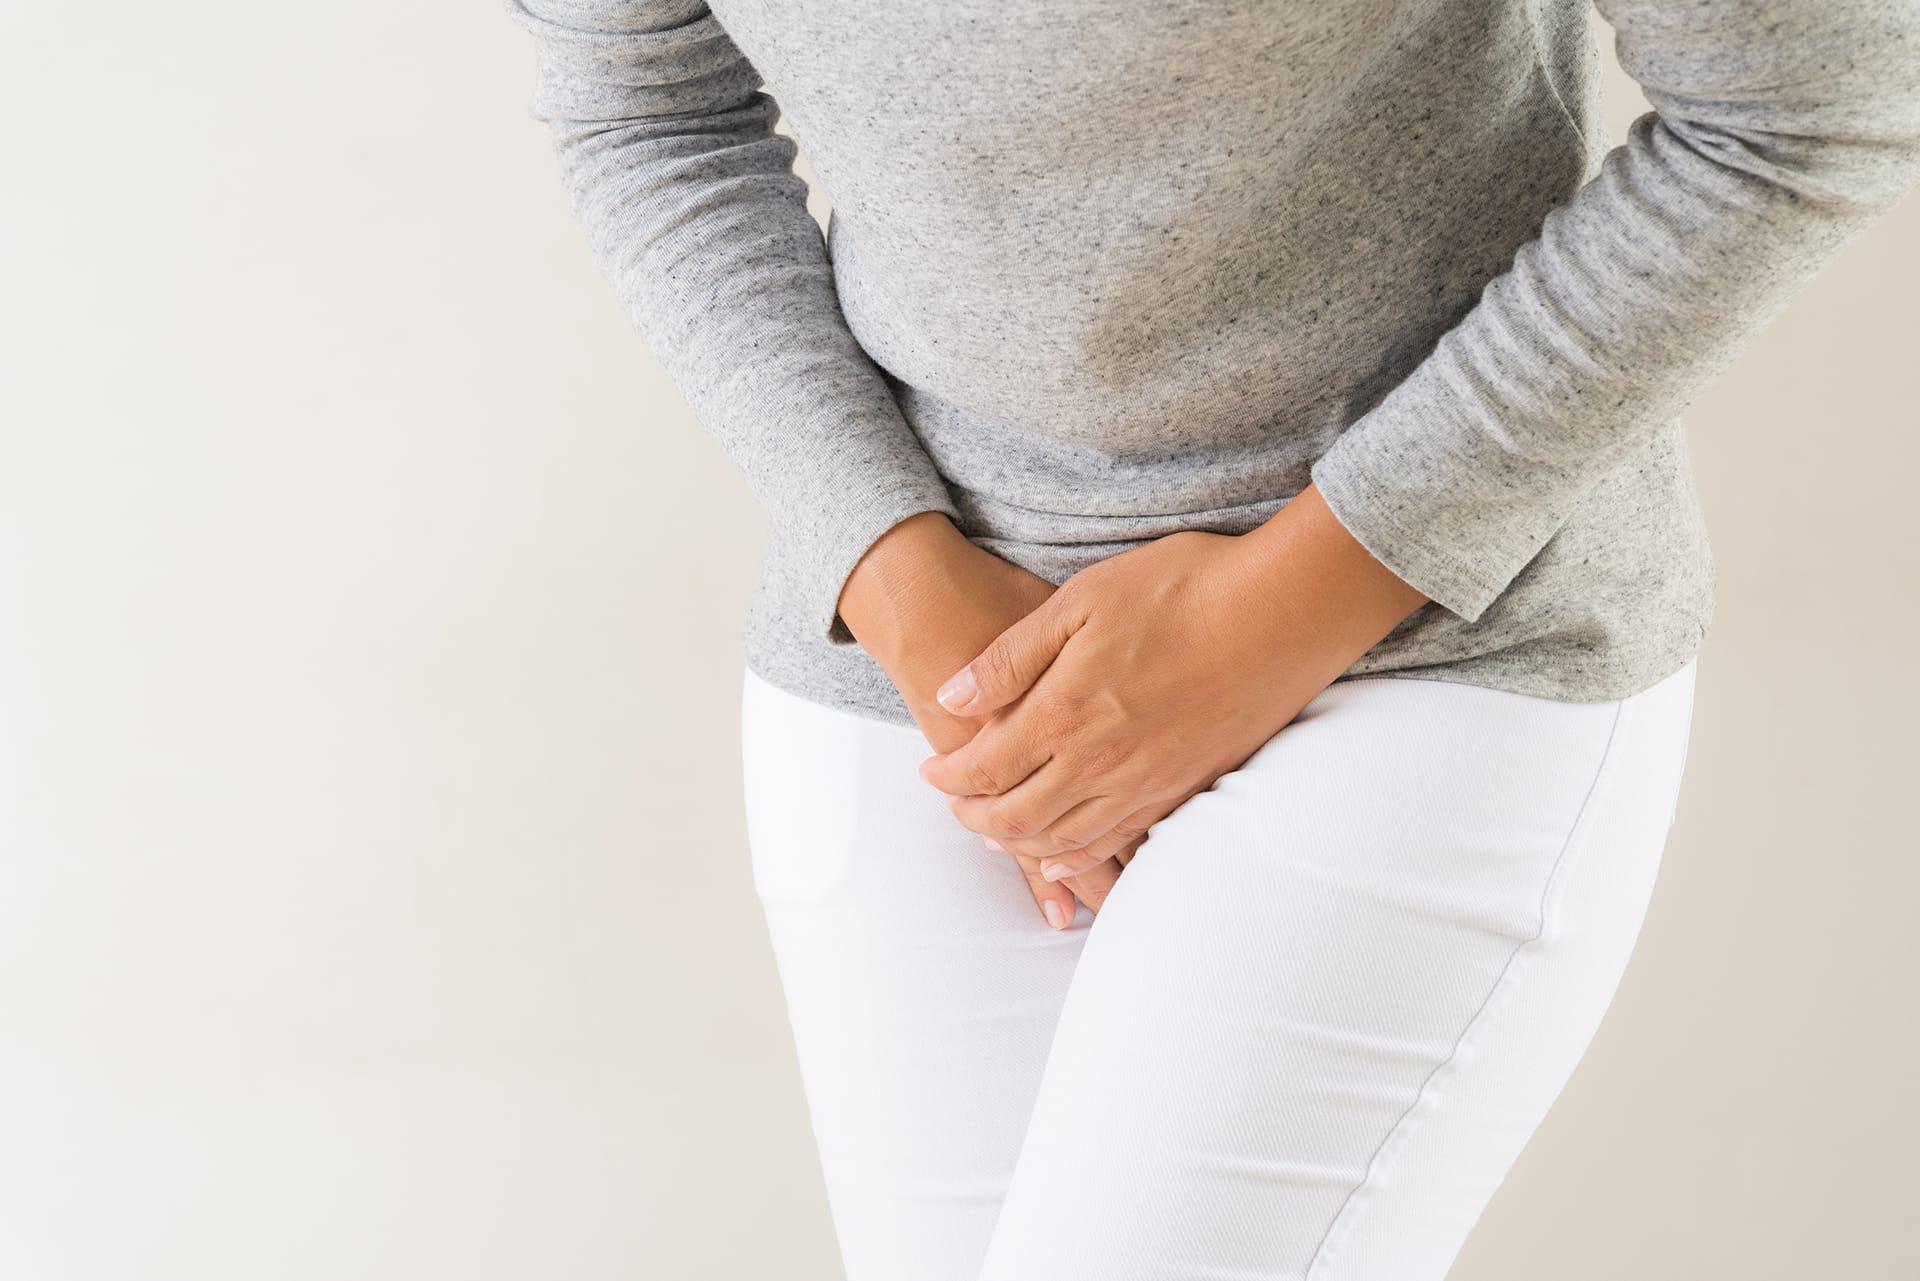 Frau hat Beschwerden im Schritt: Veränderungen im Genitalbereich in den Wechseljahren sind häufig.